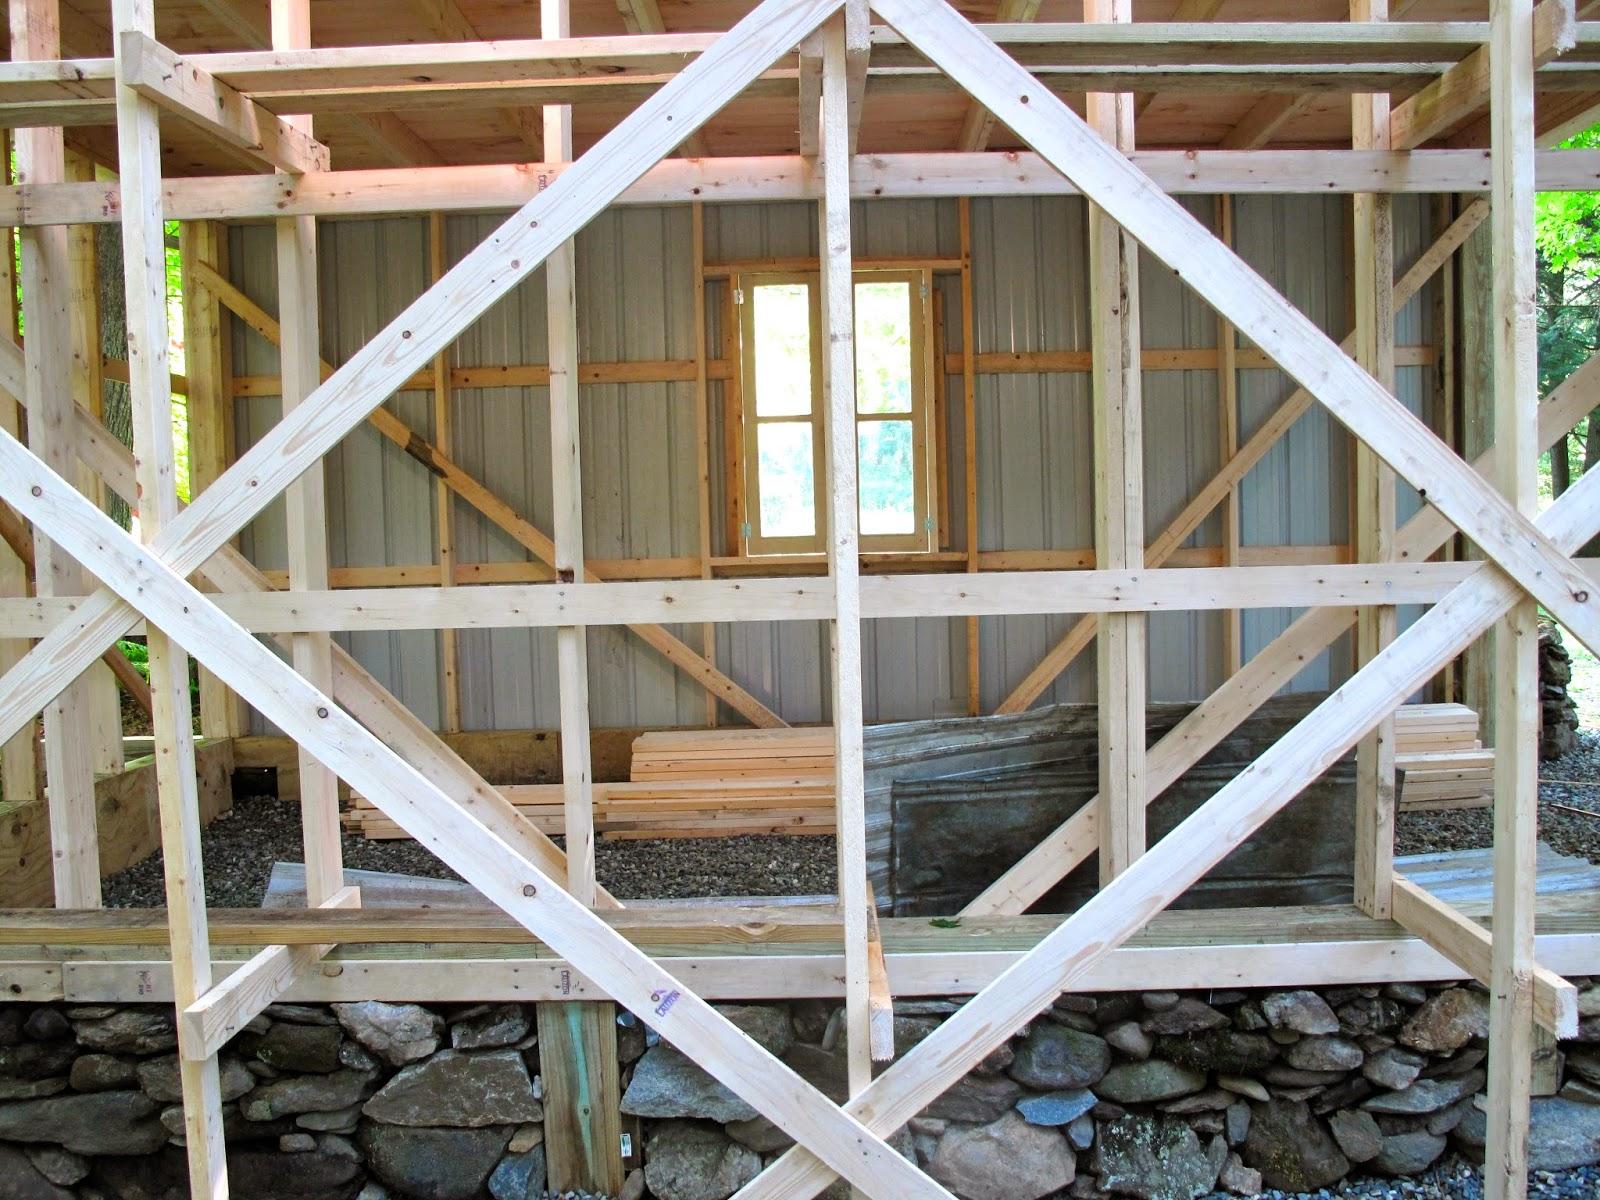 A longhouse birdhouse aug 15 2014 for Longhouse birdhouse